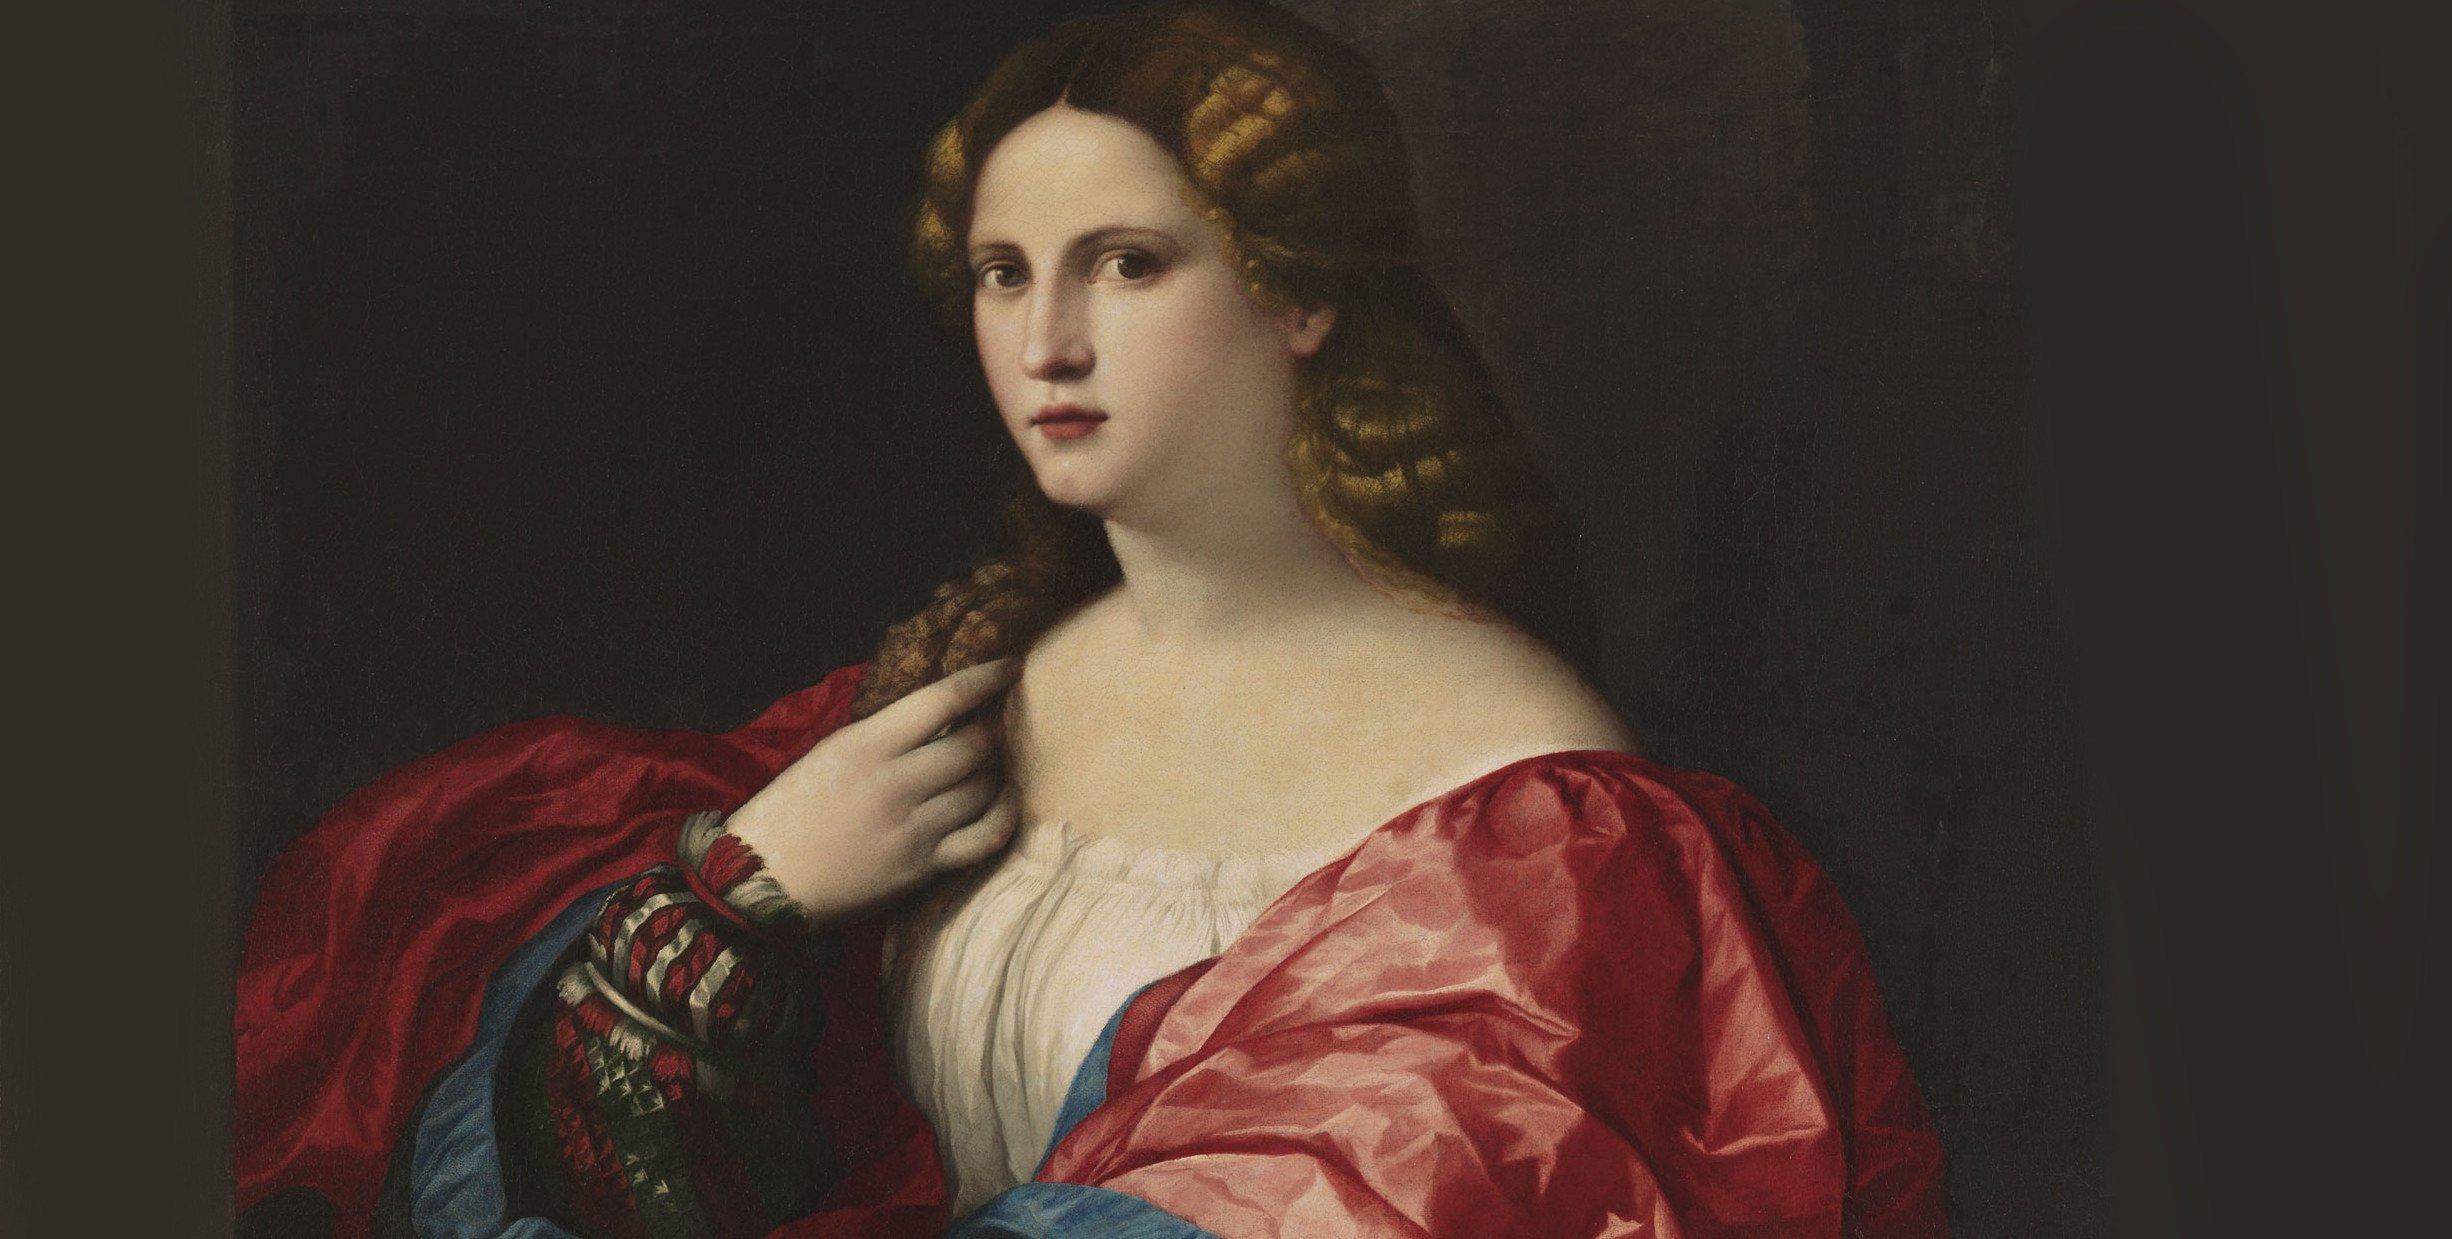 el en venecia triunfo de la belleza y destruccin de la pintura